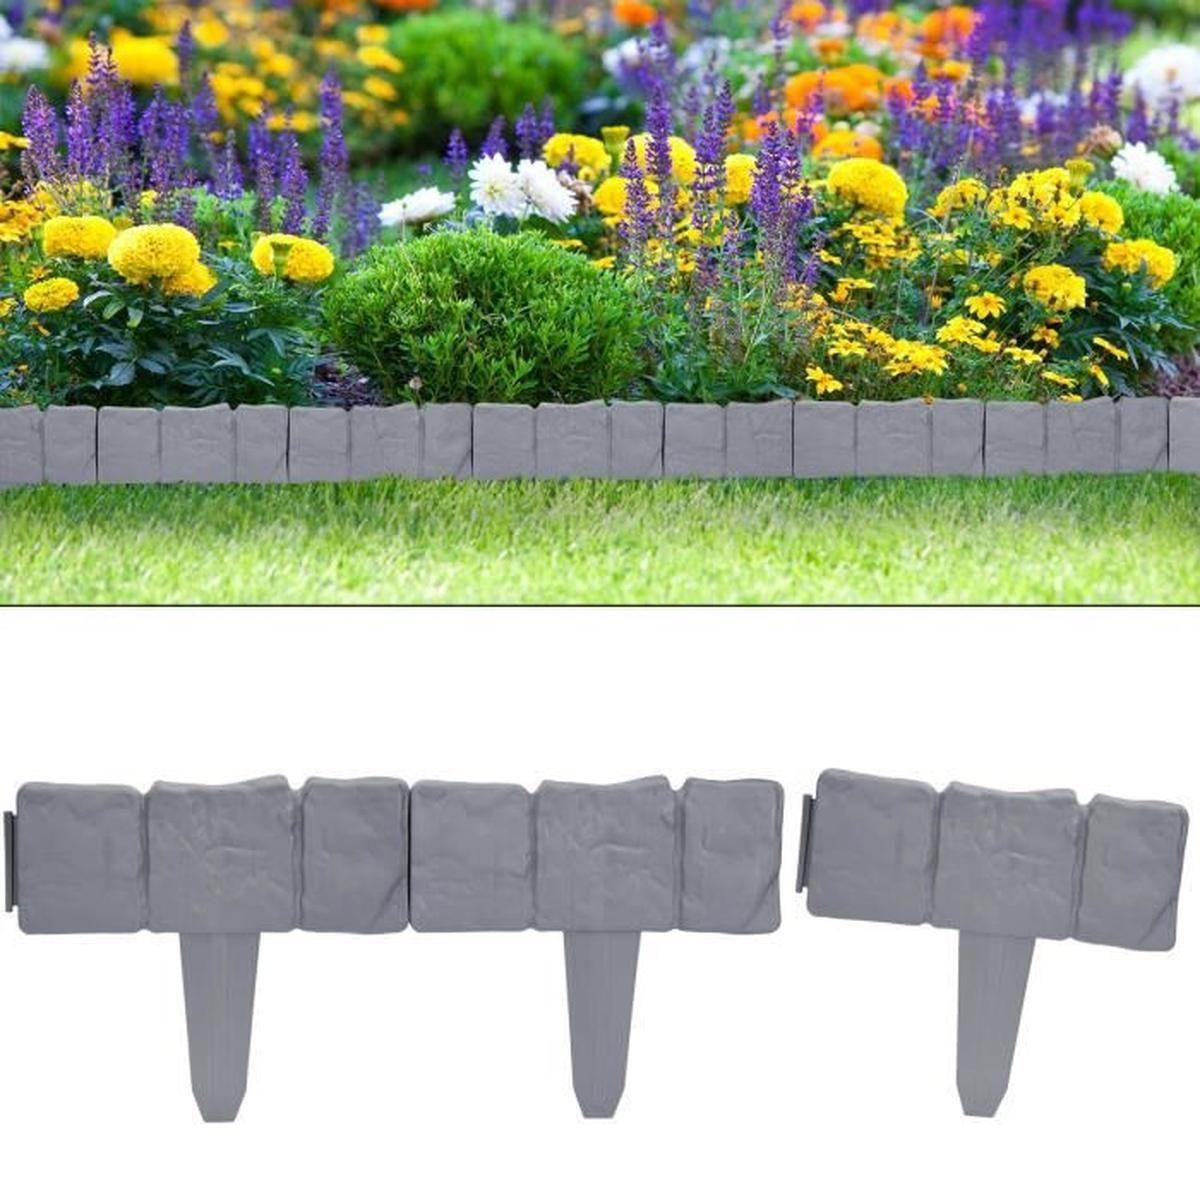 Set Bordure De Jardin, Rebord De Jardin - Aspect Granit 2X ... à Bordure De Jardin Pas Cher